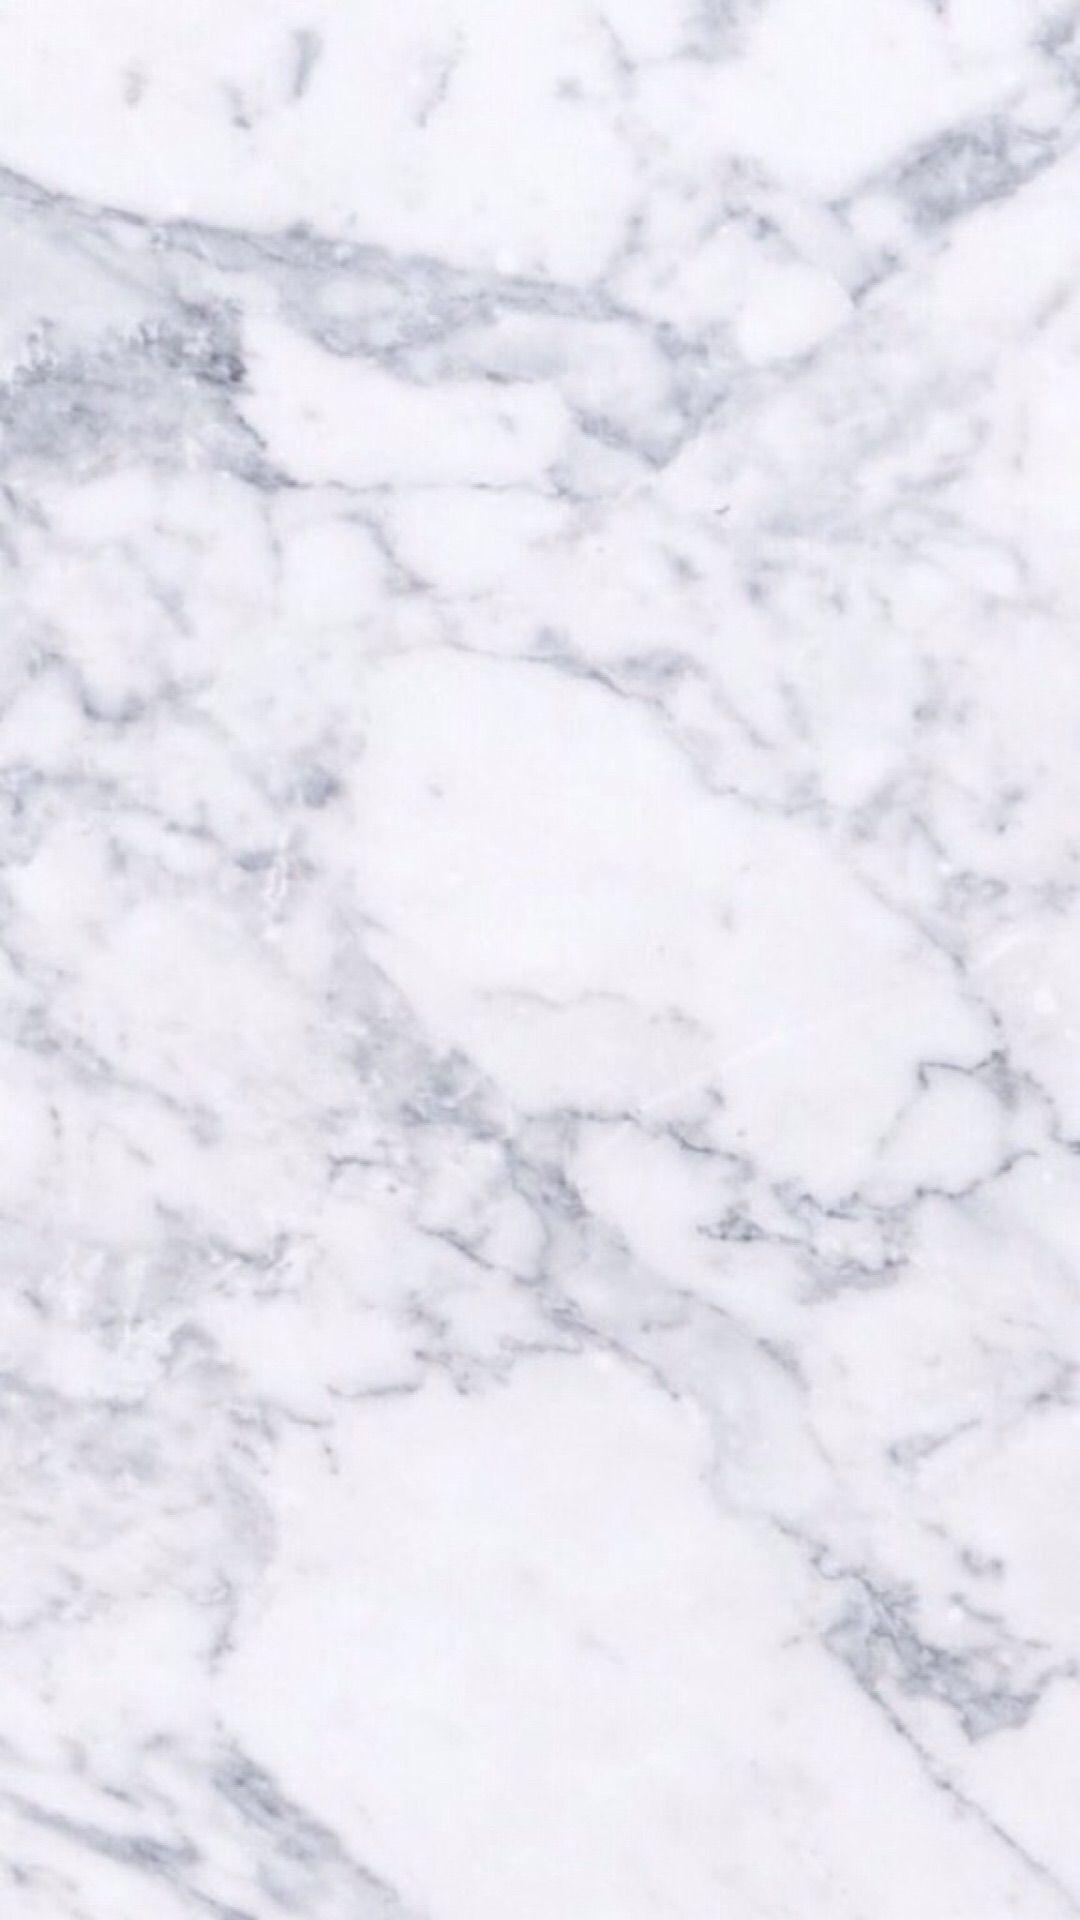 Fantastic Wallpaper Marble Iphone 6 - 50e2d500196d813d0a70d1a06377c0f5  Image_49468.jpg